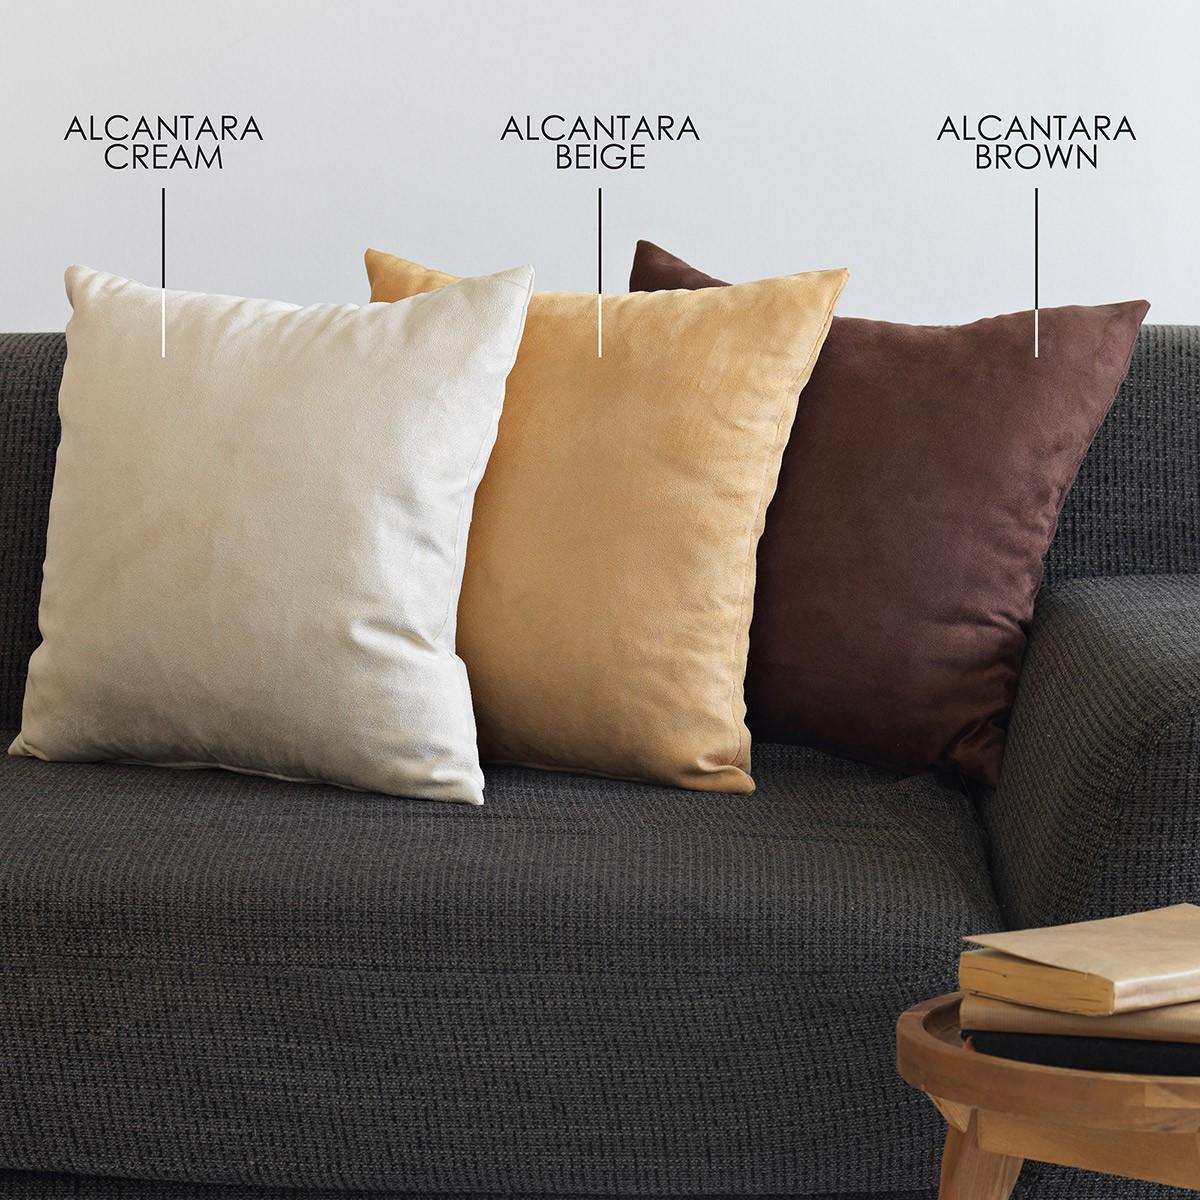 Διακοσμητική Μαξιλαροθήκη Sb Home Alcantara